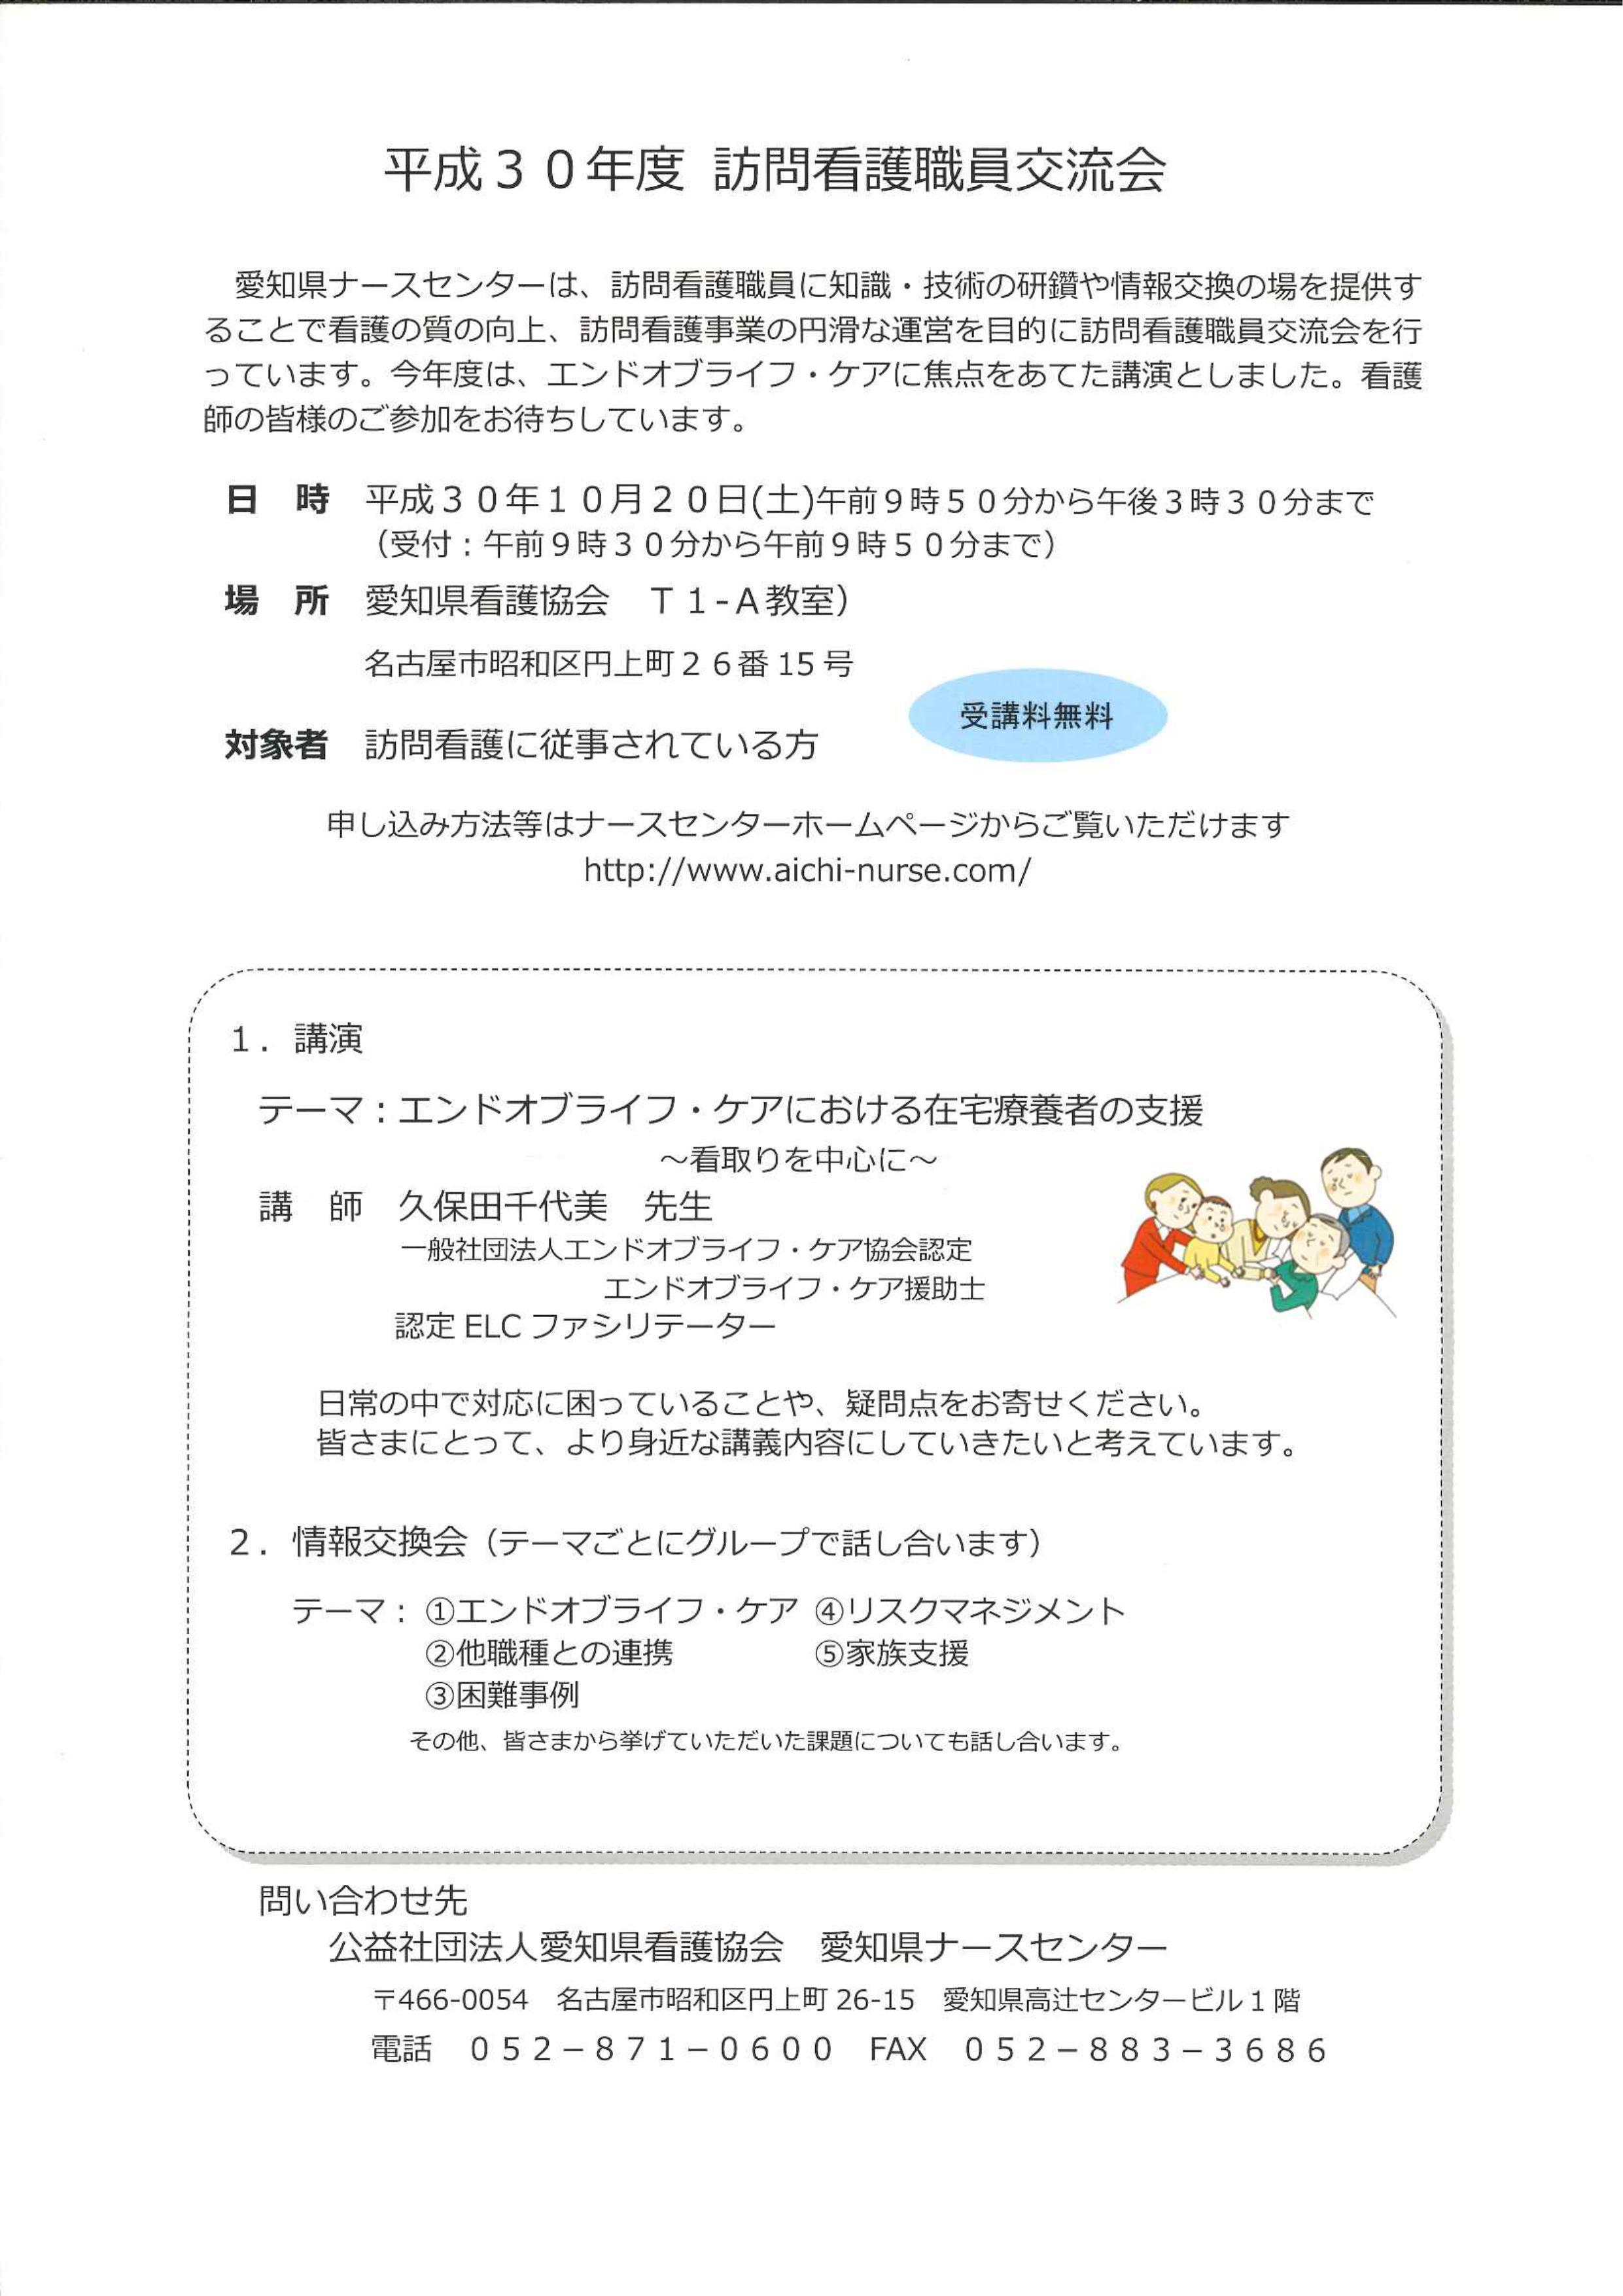 協会 愛知 県 看護